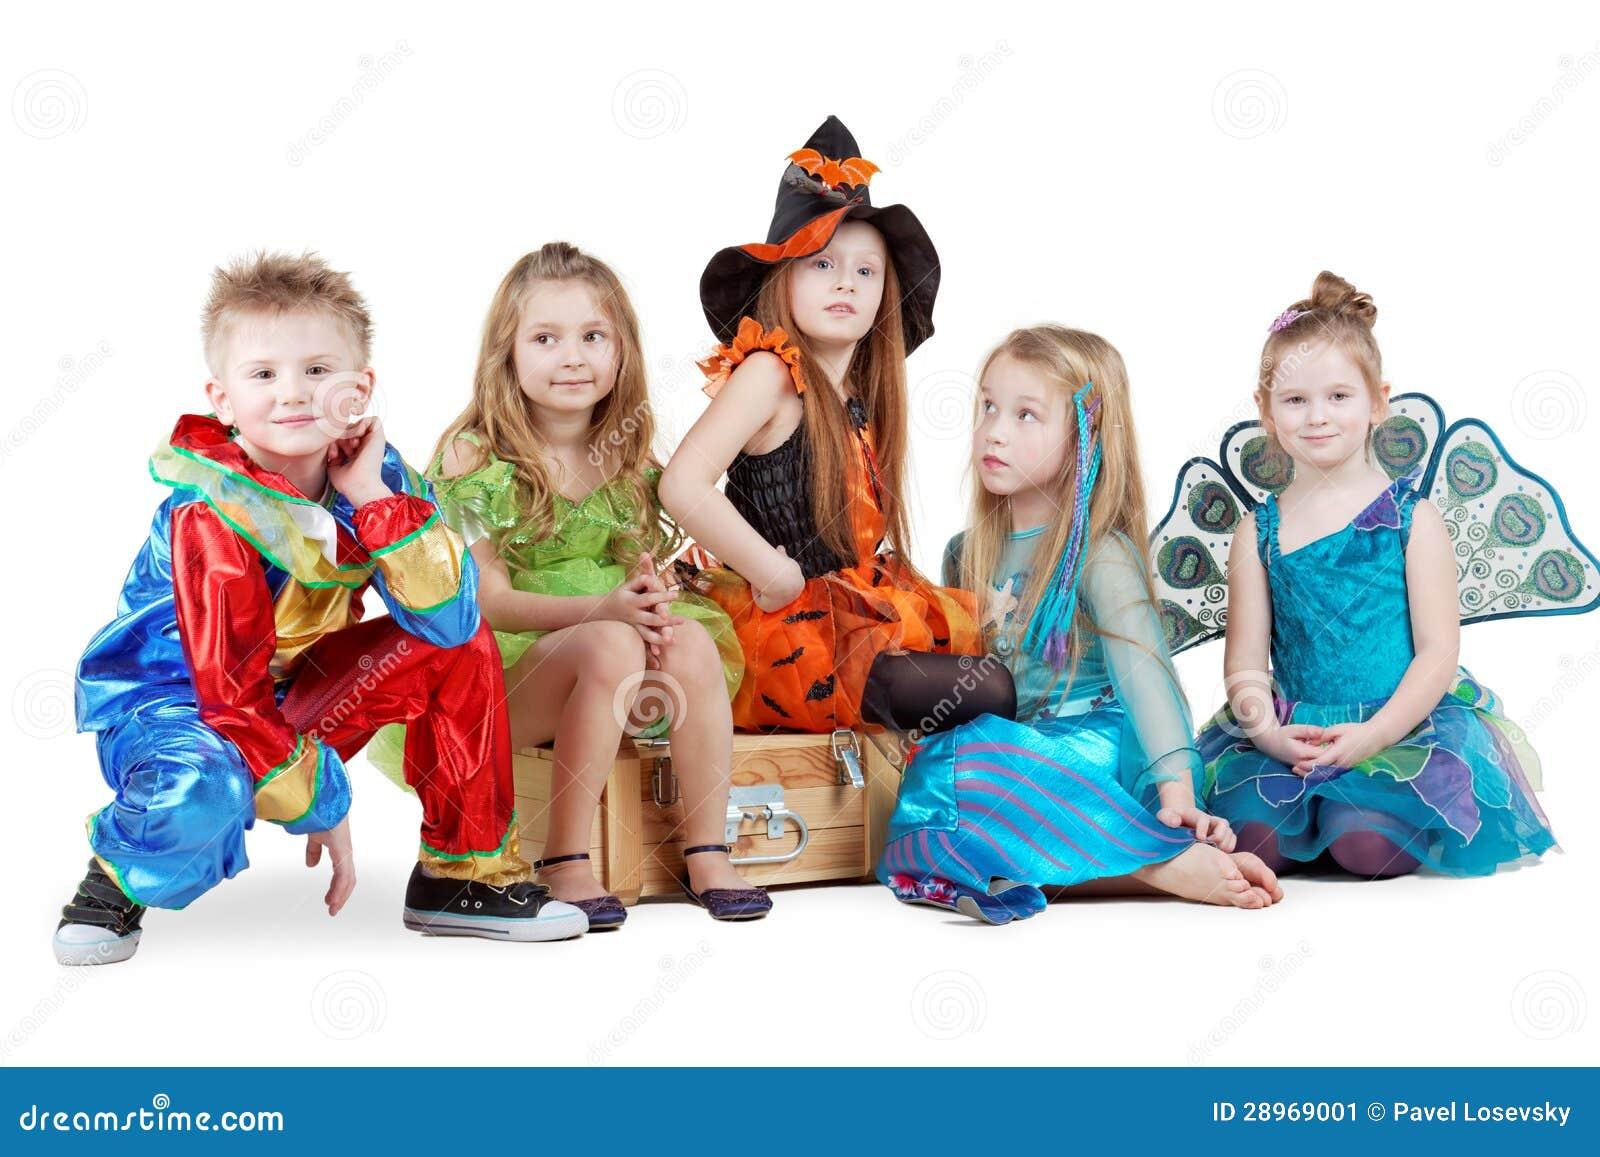 Какие у детей костюмы в детском саду на новый год